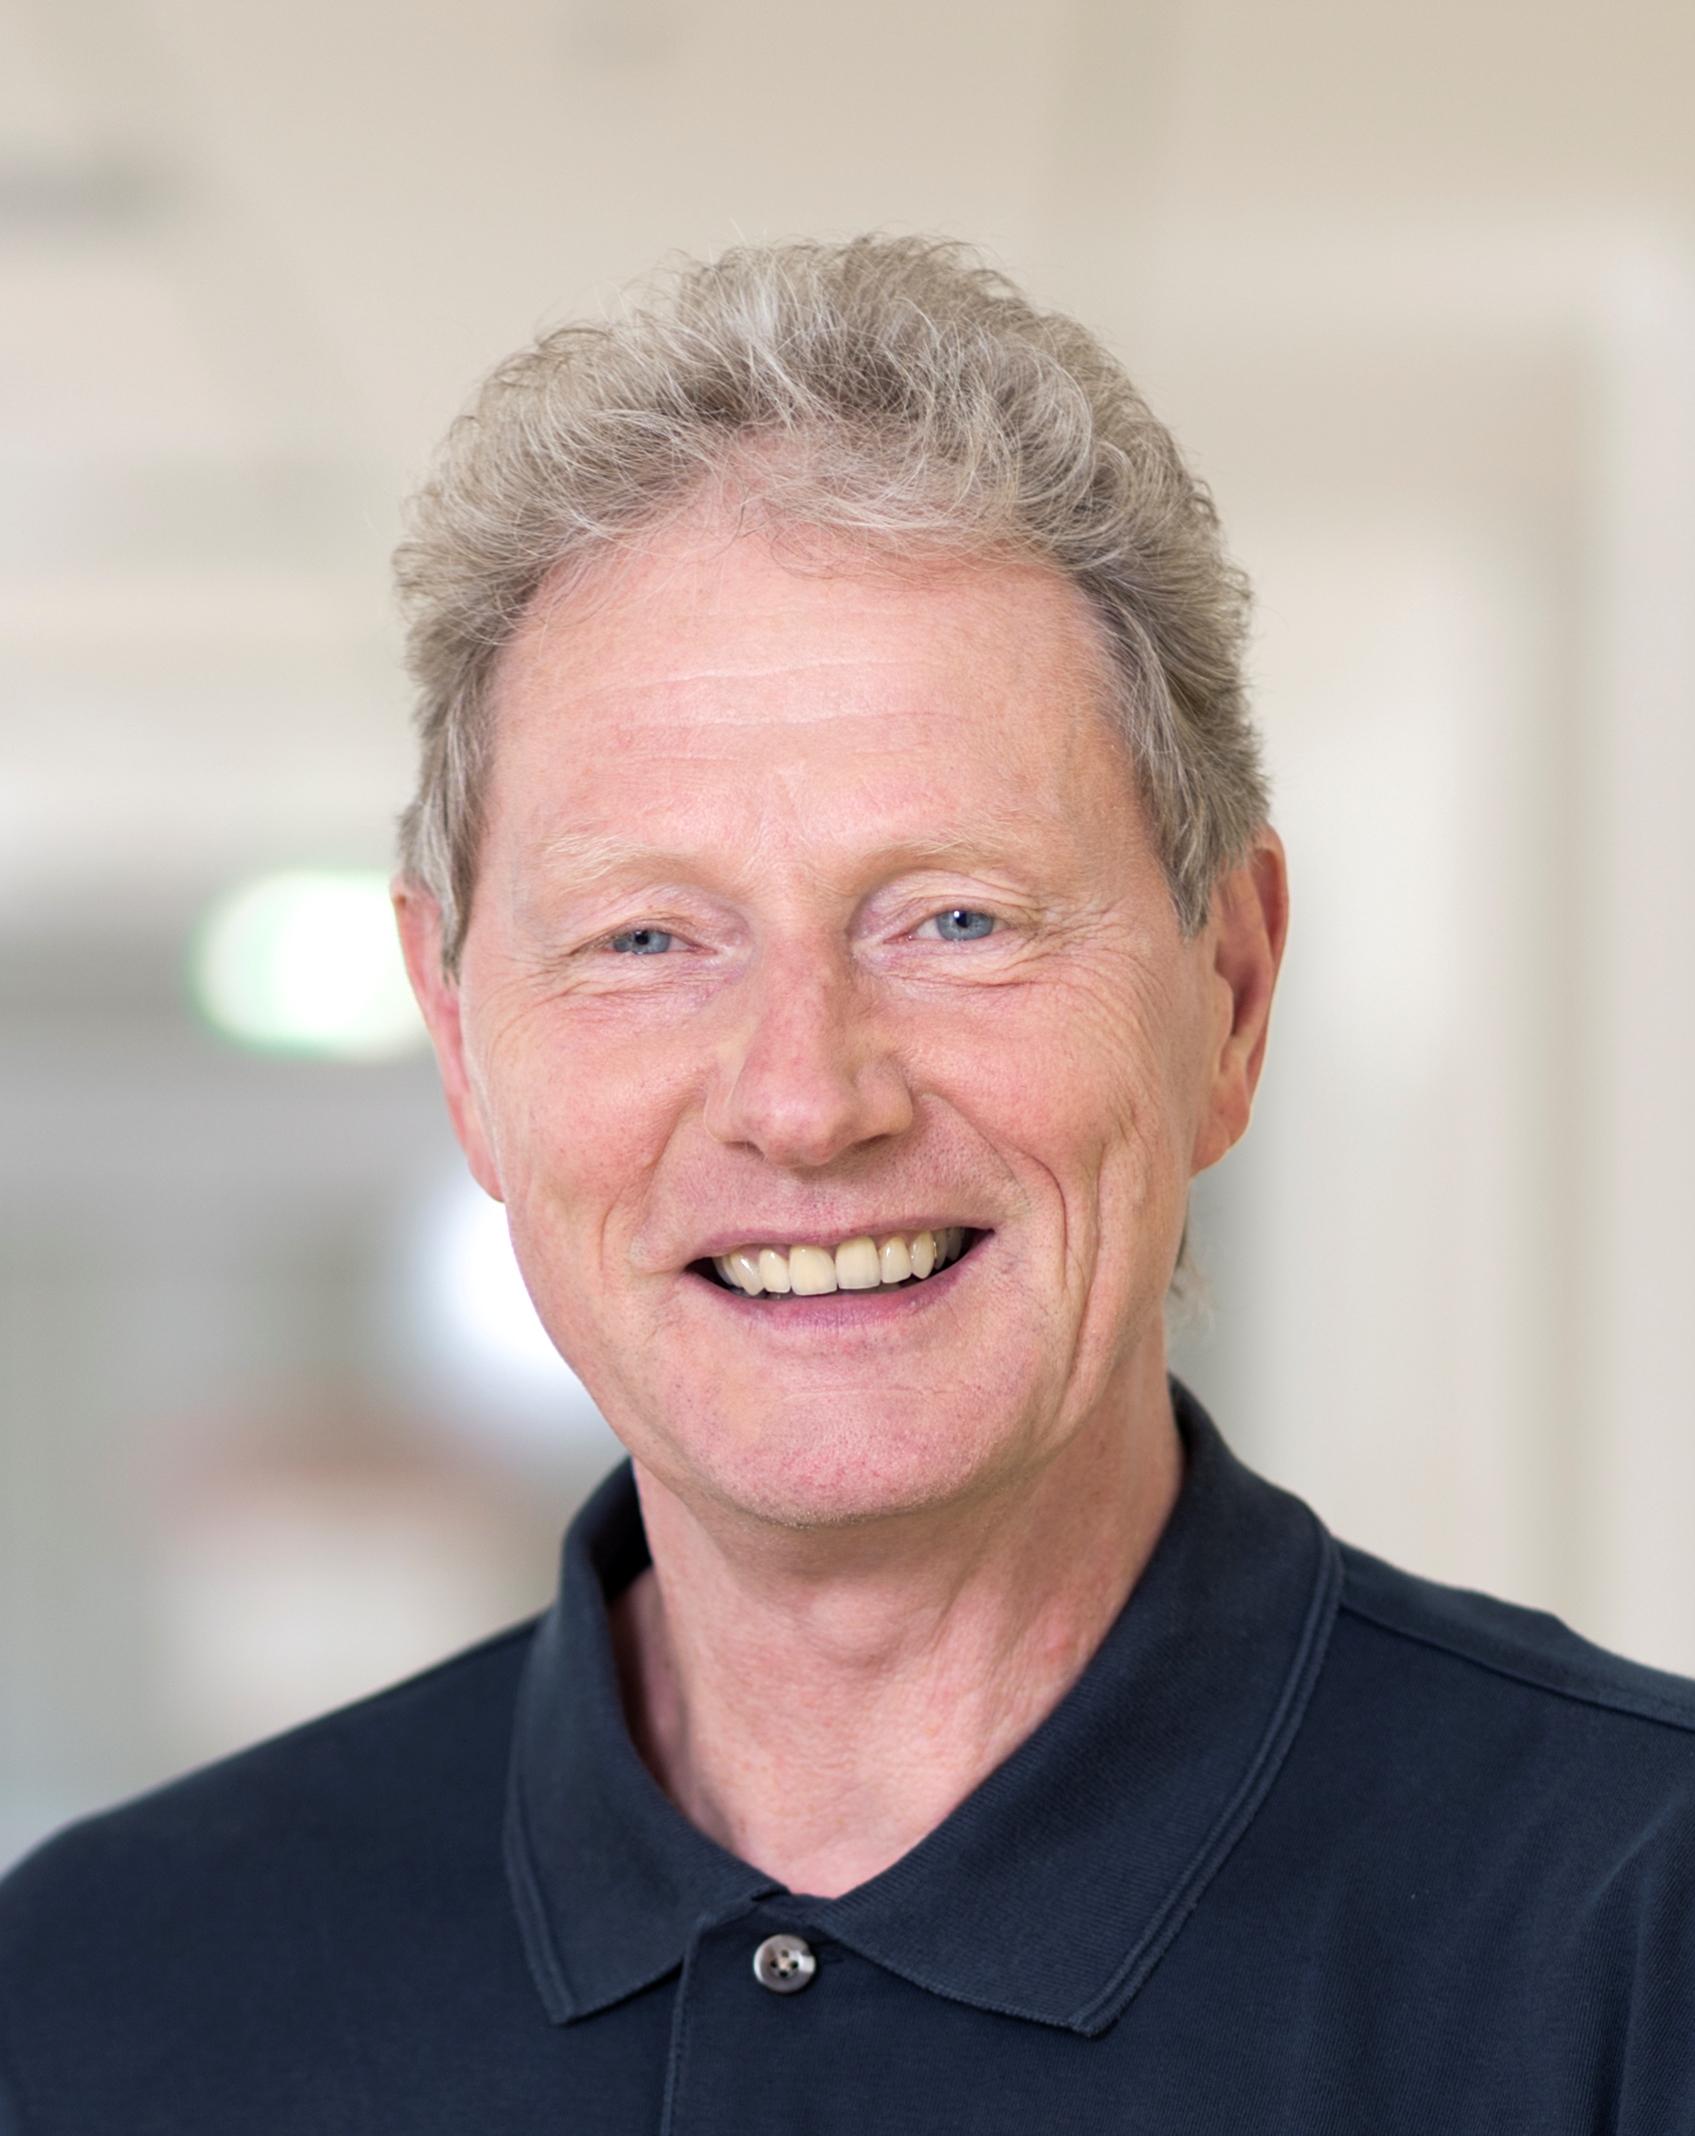 Lothar Schweigerer; Klinikum Frankfurt (Oder)